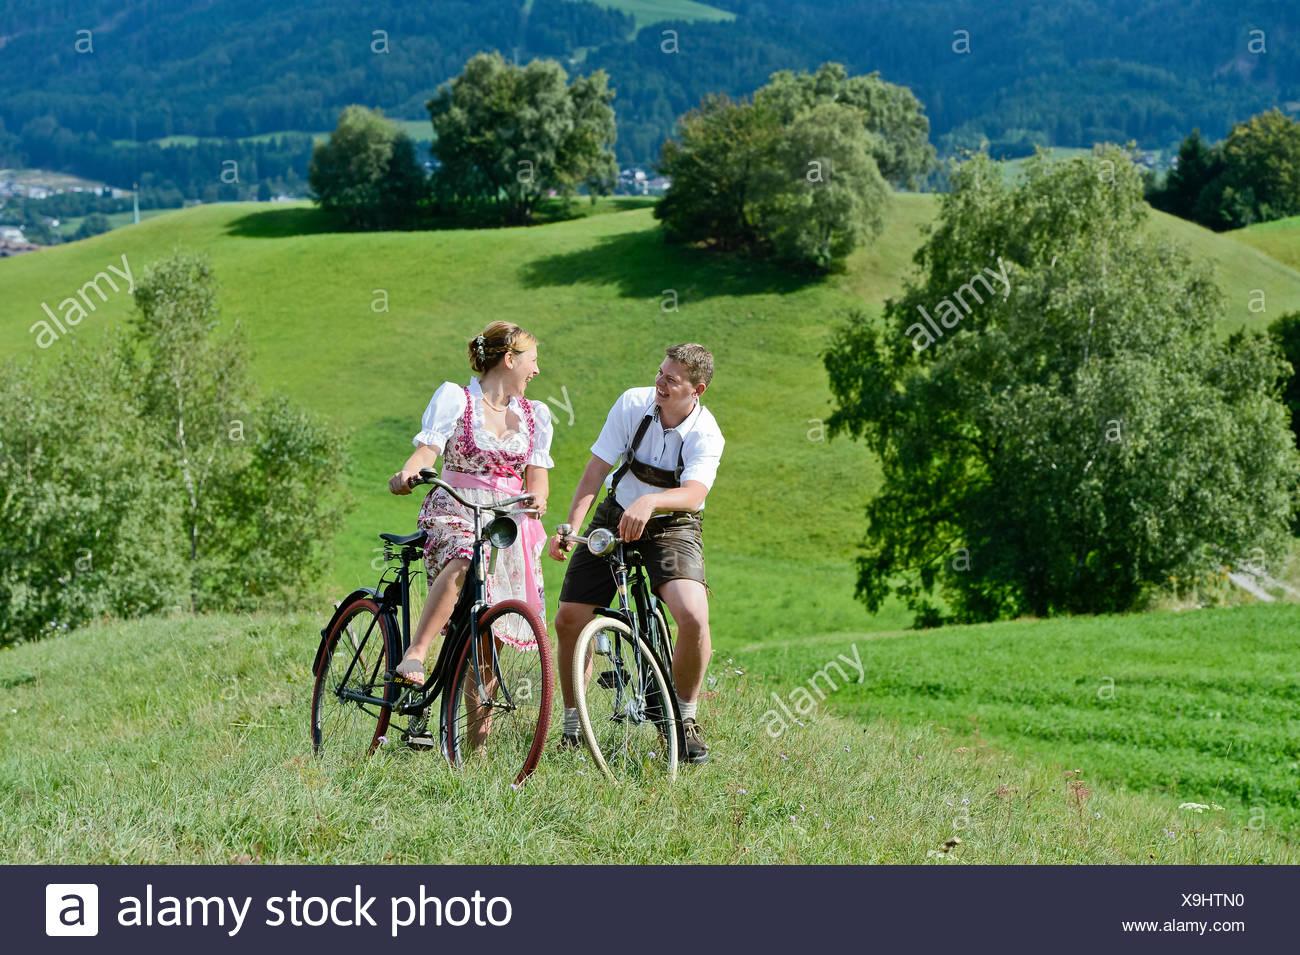 Frau sucht Mann Igls (Innsbruck) | Locanto Casual Dating